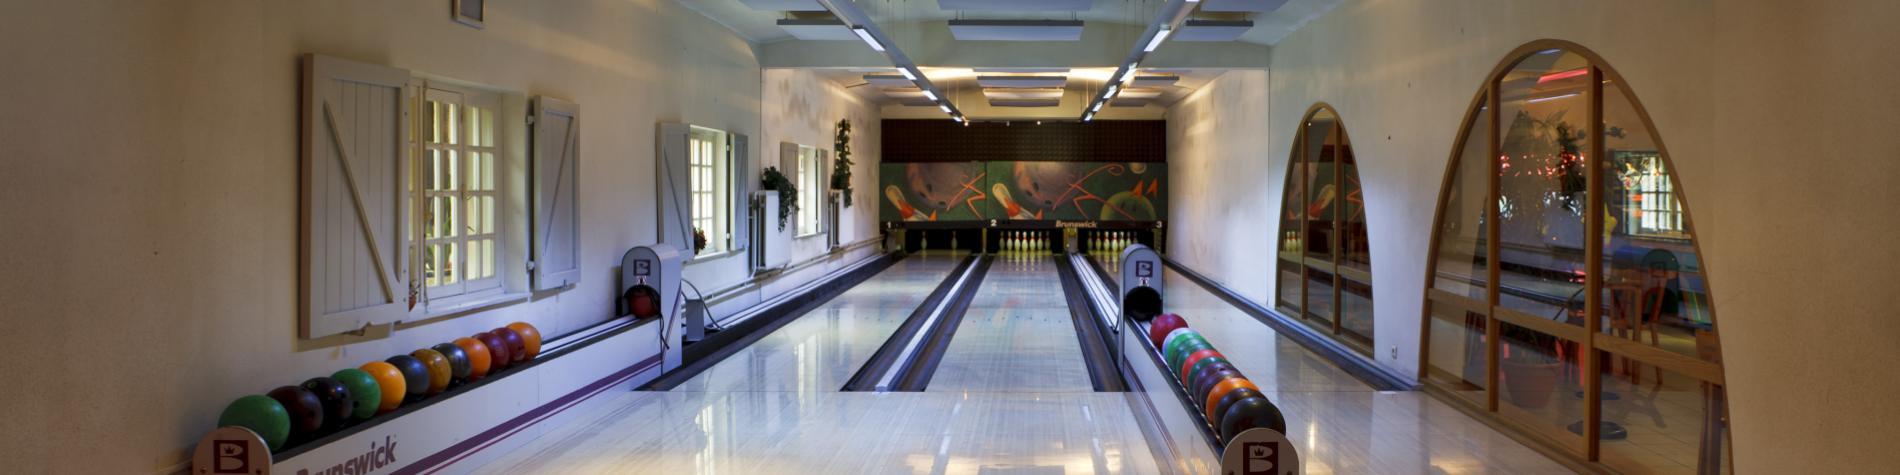 Bowling - Récréalle - Alle-sur-Sémois